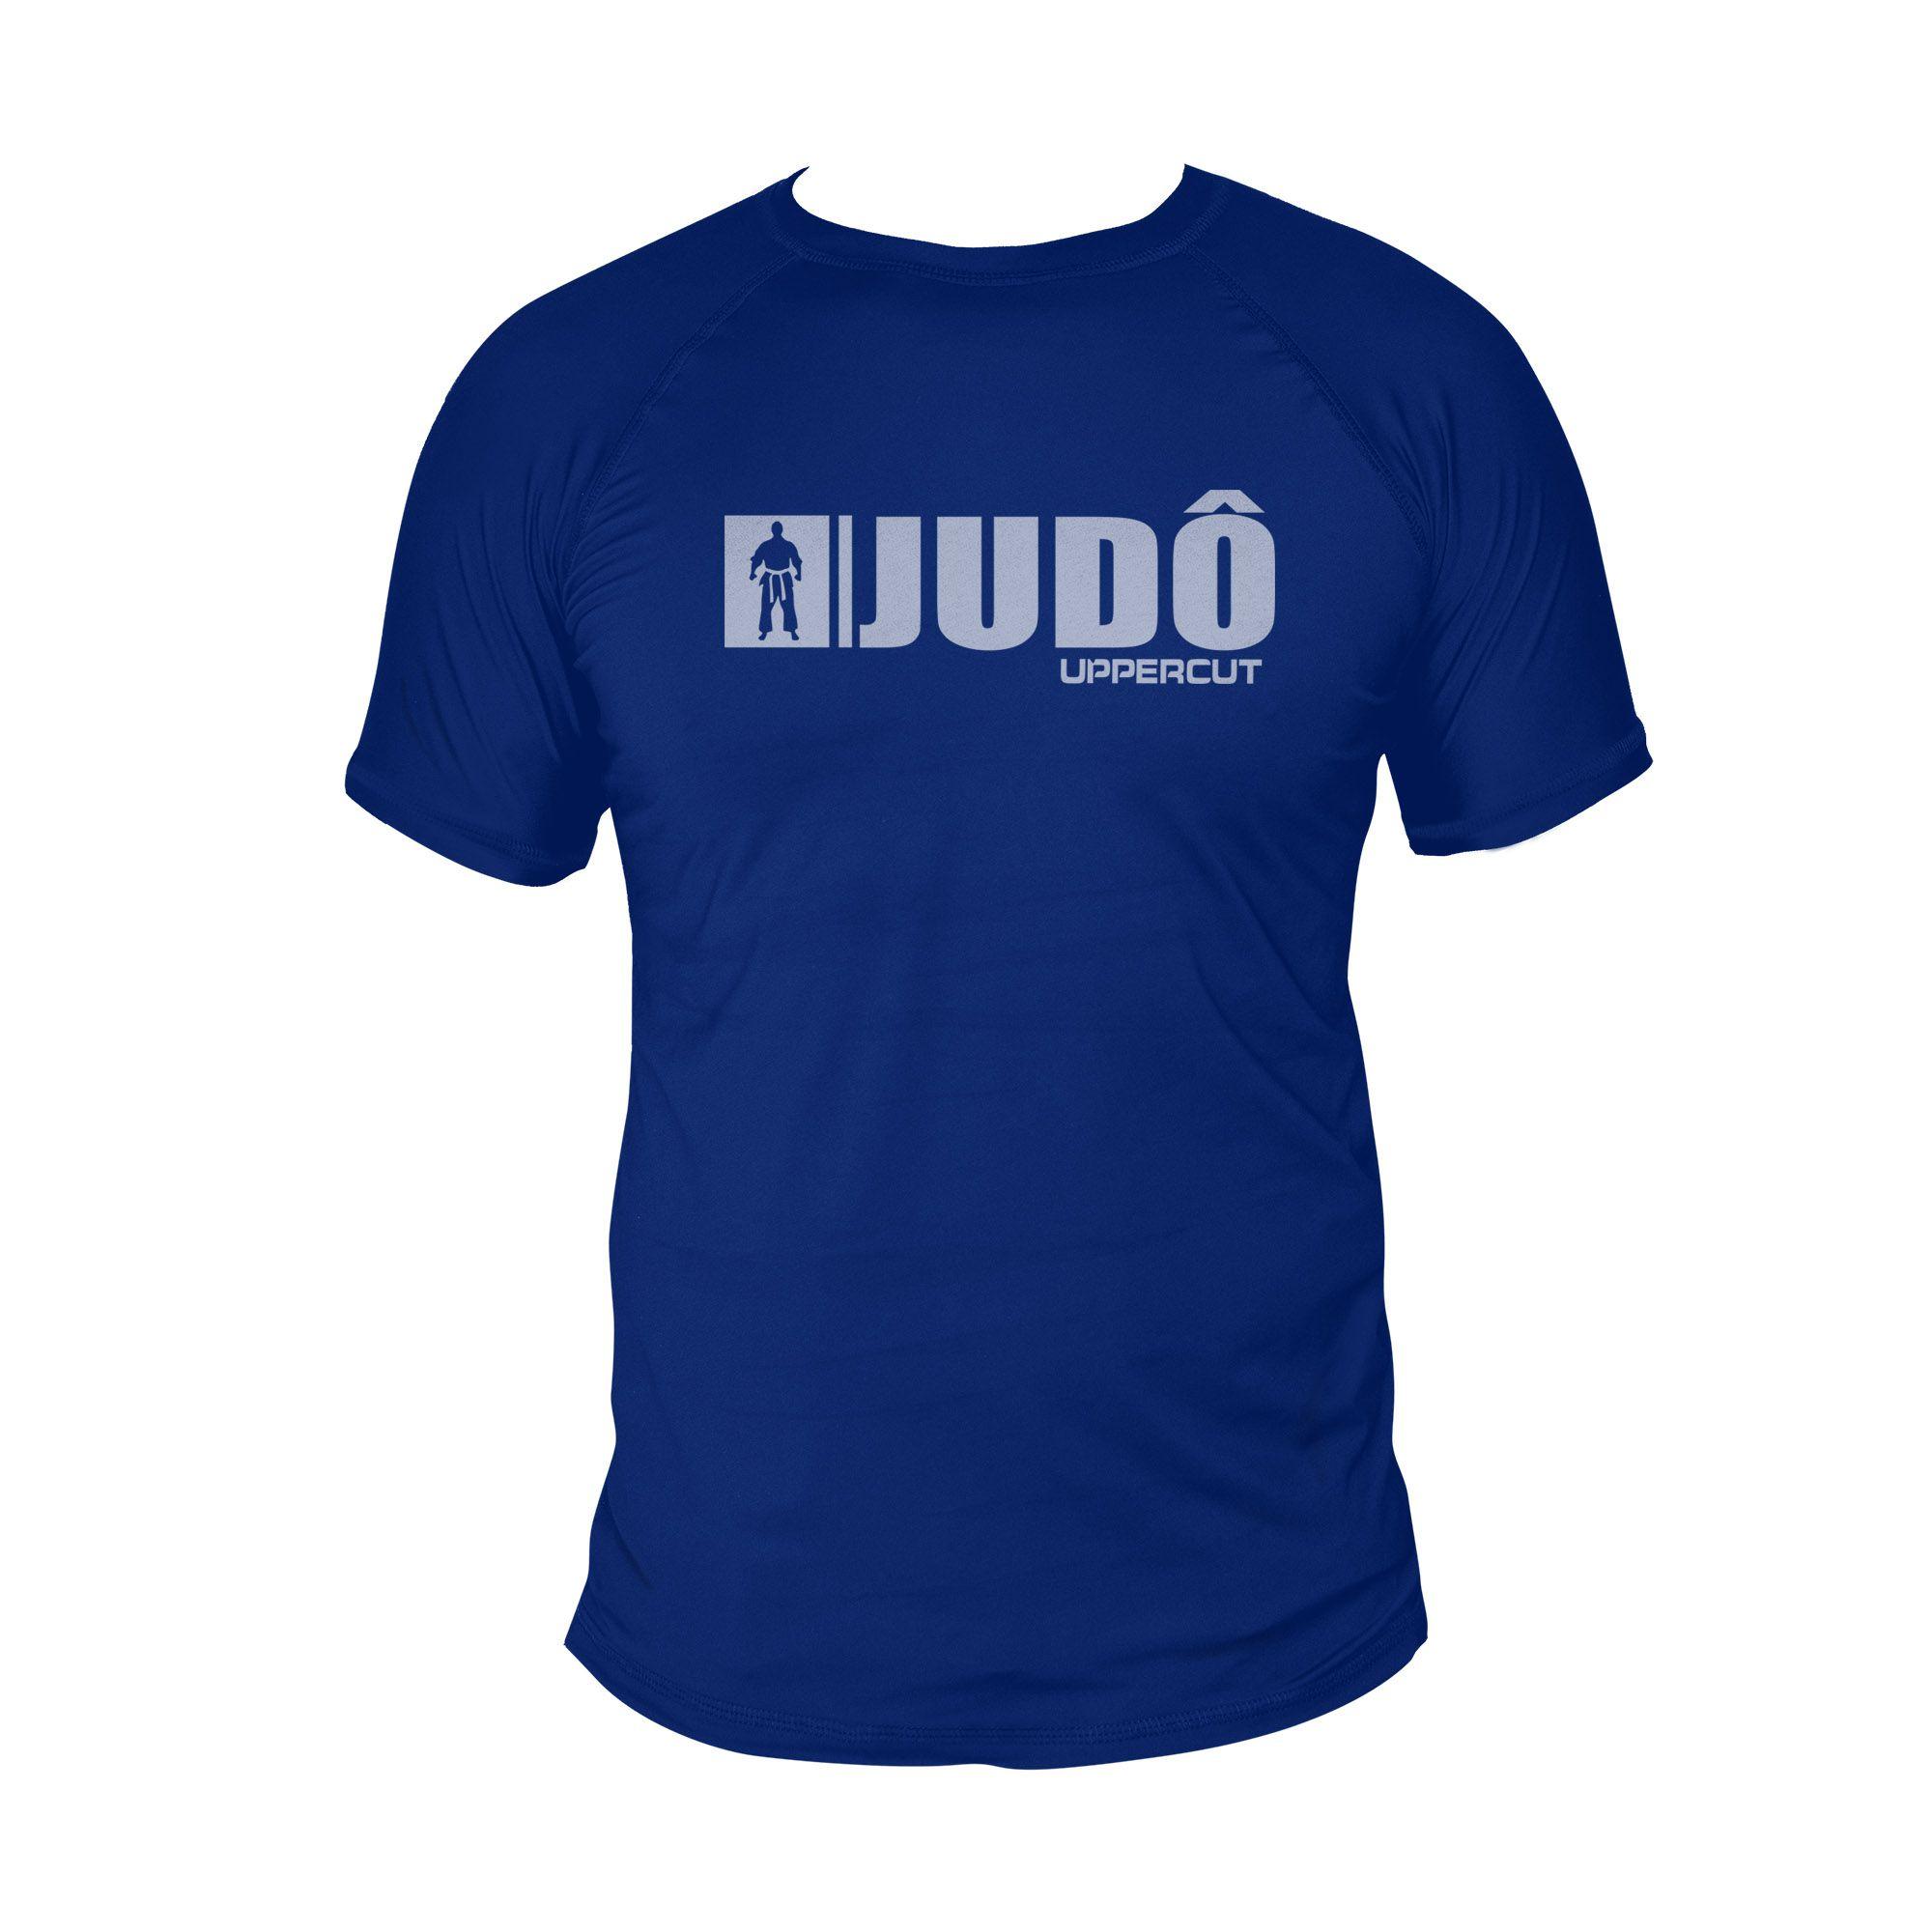 Camiseta Judo U-xx - Treino Passeio Dry Fit UV50+ - Azul